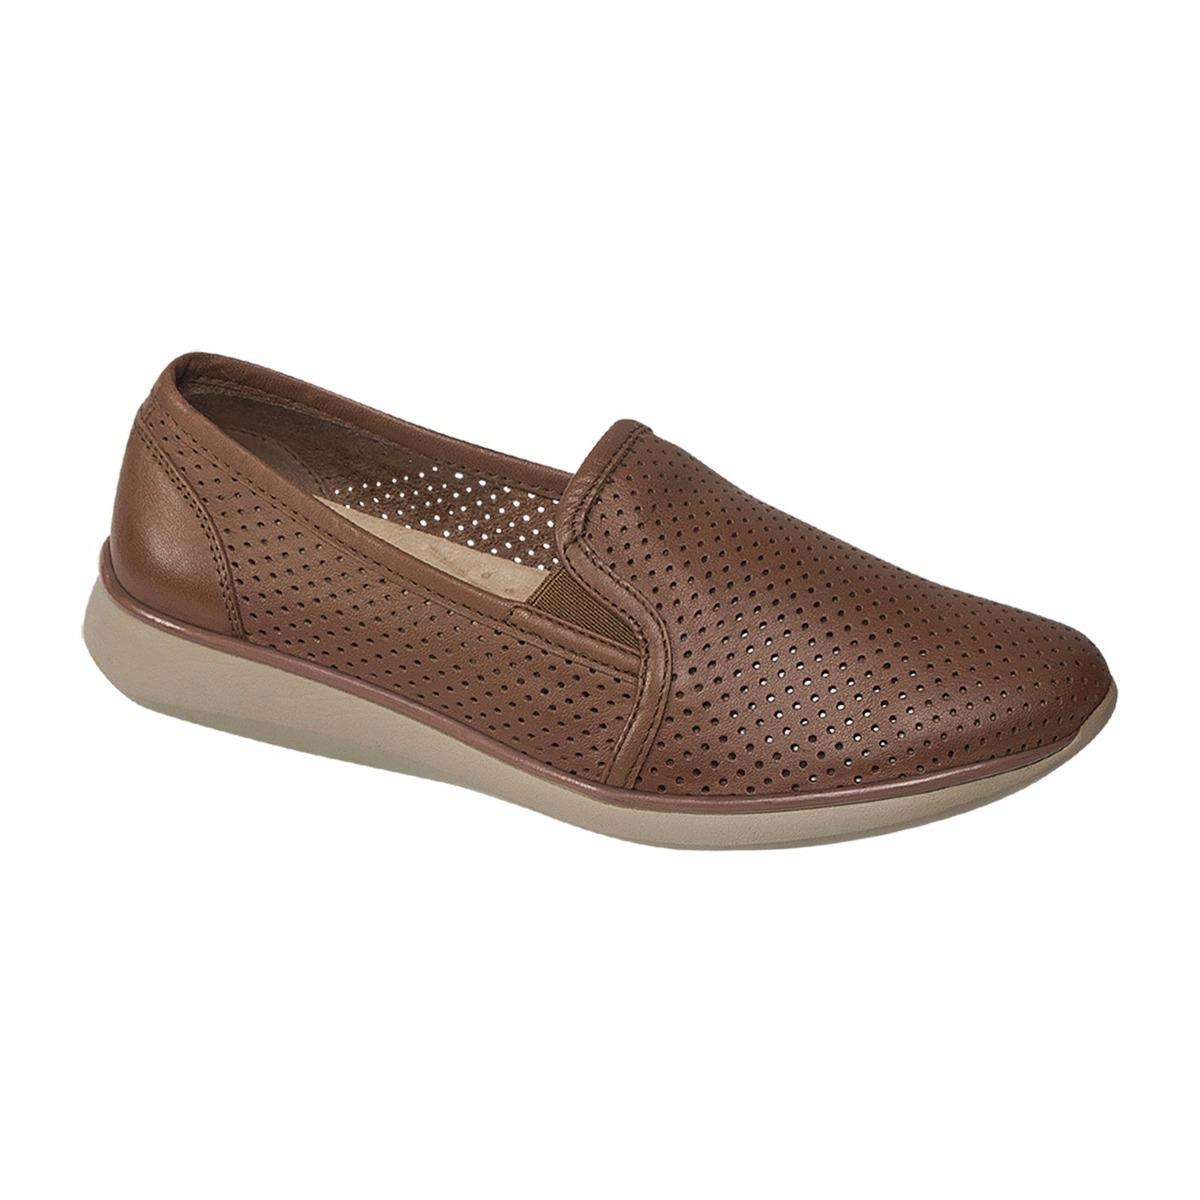 e66ce711f045b Zapato Comodo Para Mujer Marca Flexi Ae7451 -   999.00 en Mercado Libre